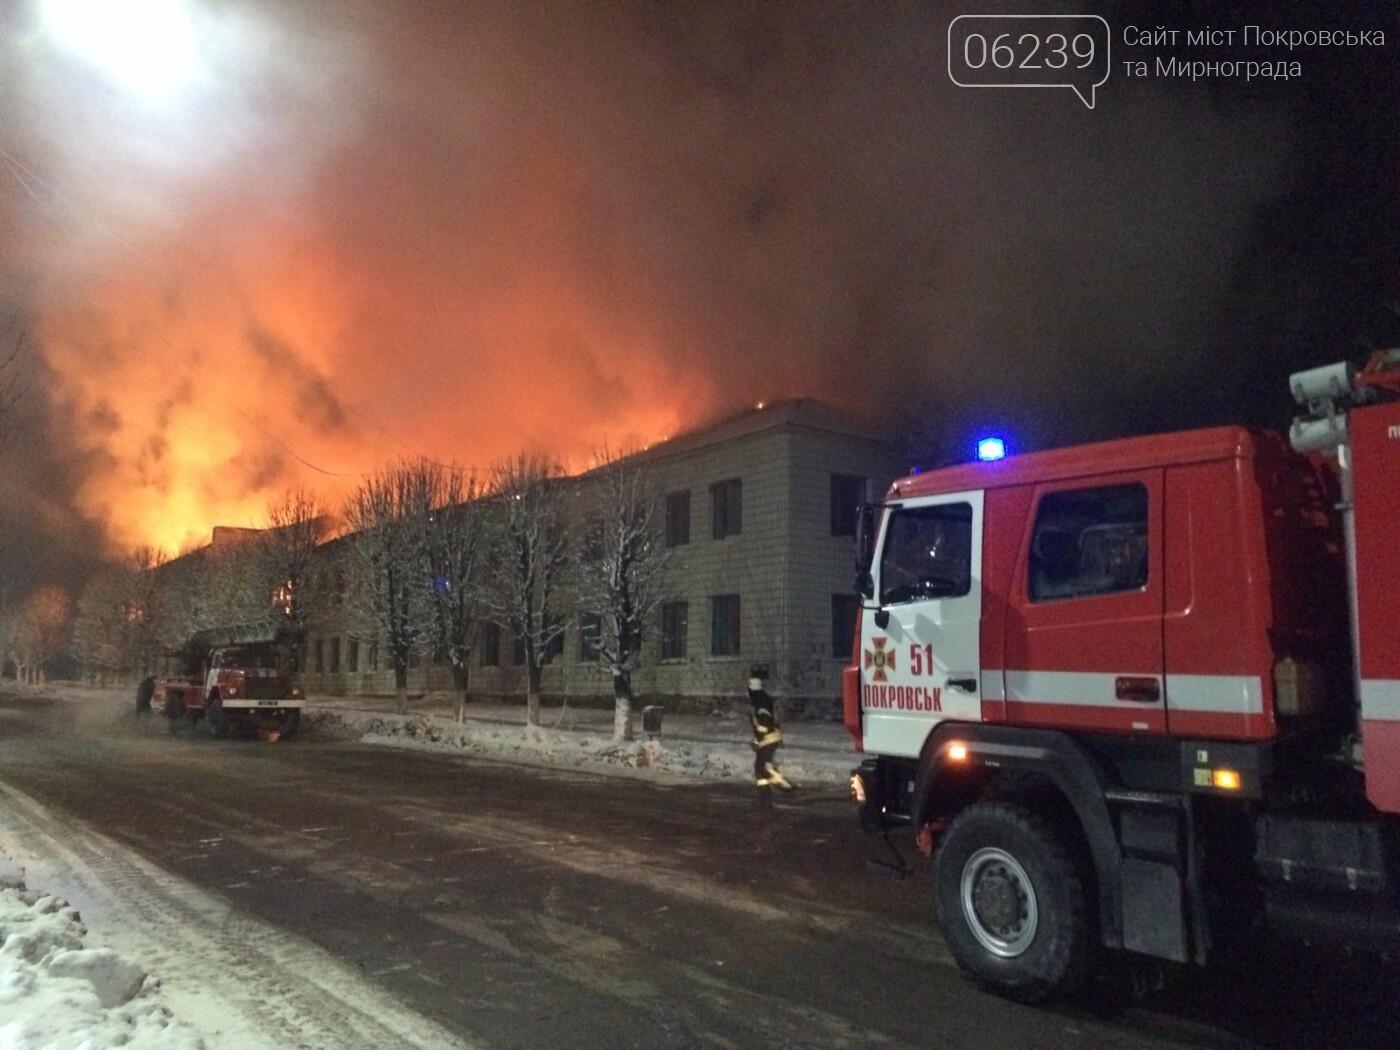 Стали известны детали пожара здания ВЦ в центре Мирнограда, фото-4